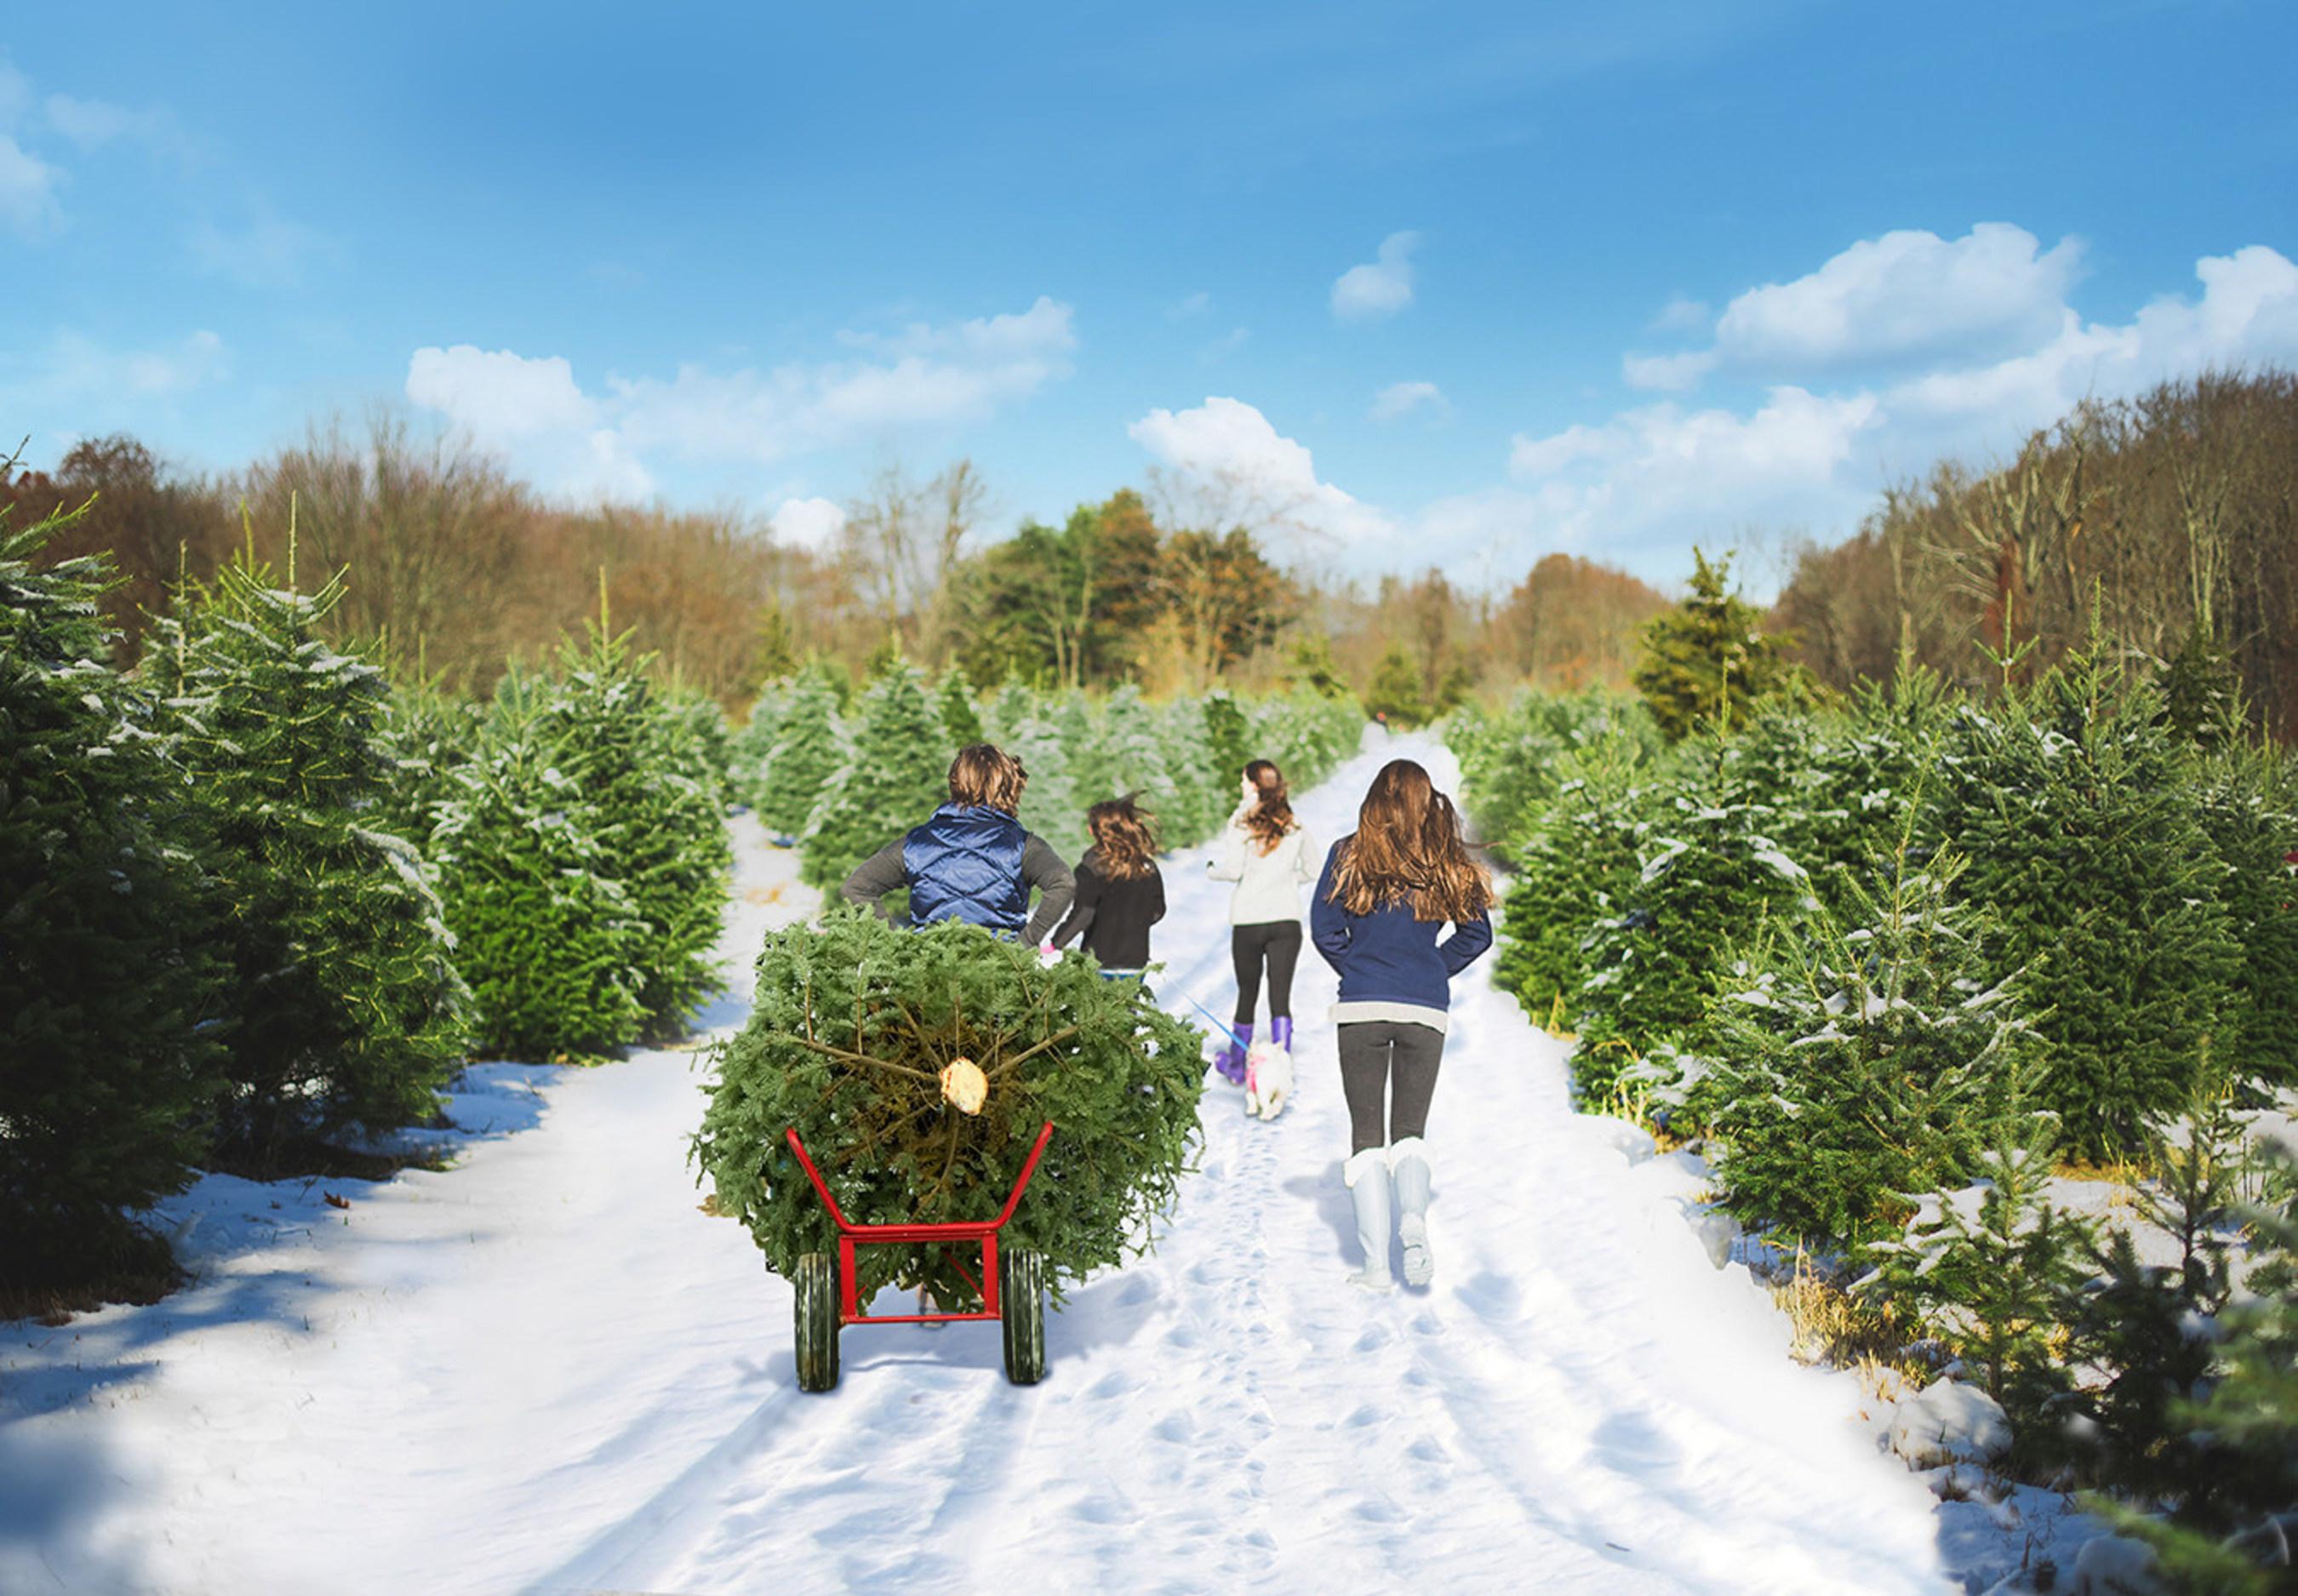 Oak Ridge Tree Farm, Middletown, Conn.